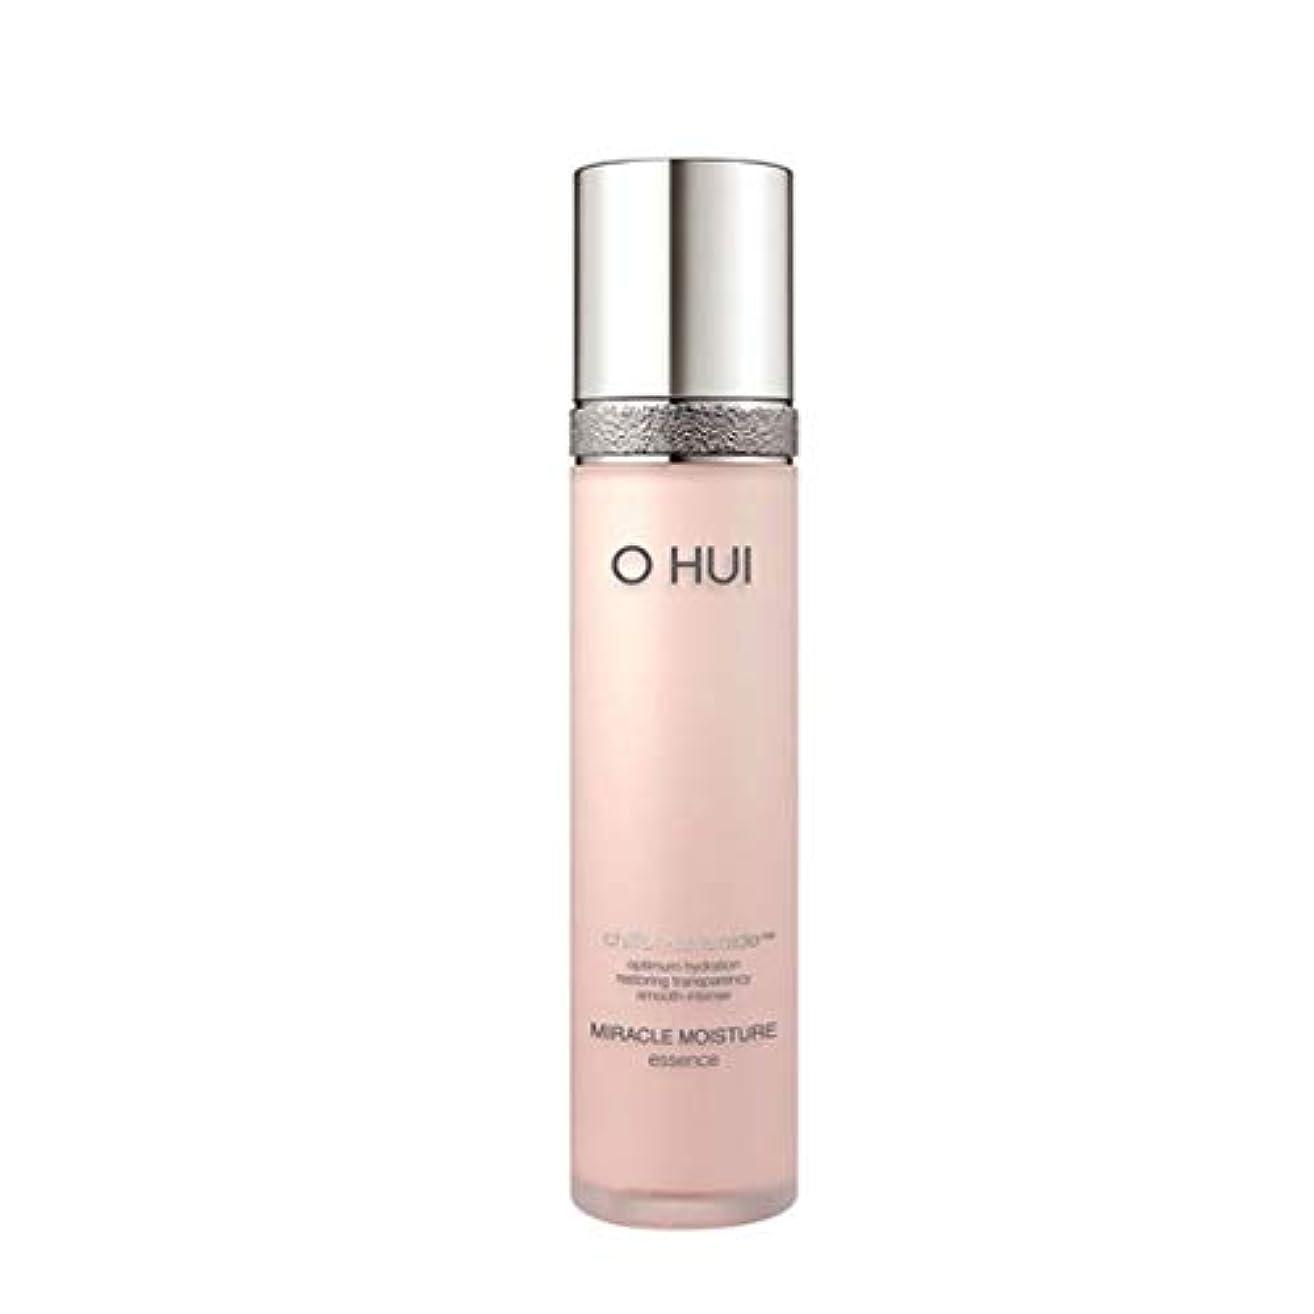 成功教科書からに変化するオフィミラクルモイスチャーエッセンス45ml韓国コスメ、O Hui Miracle Moisture Essence 45ml Korean Cosmetics [並行輸入品]